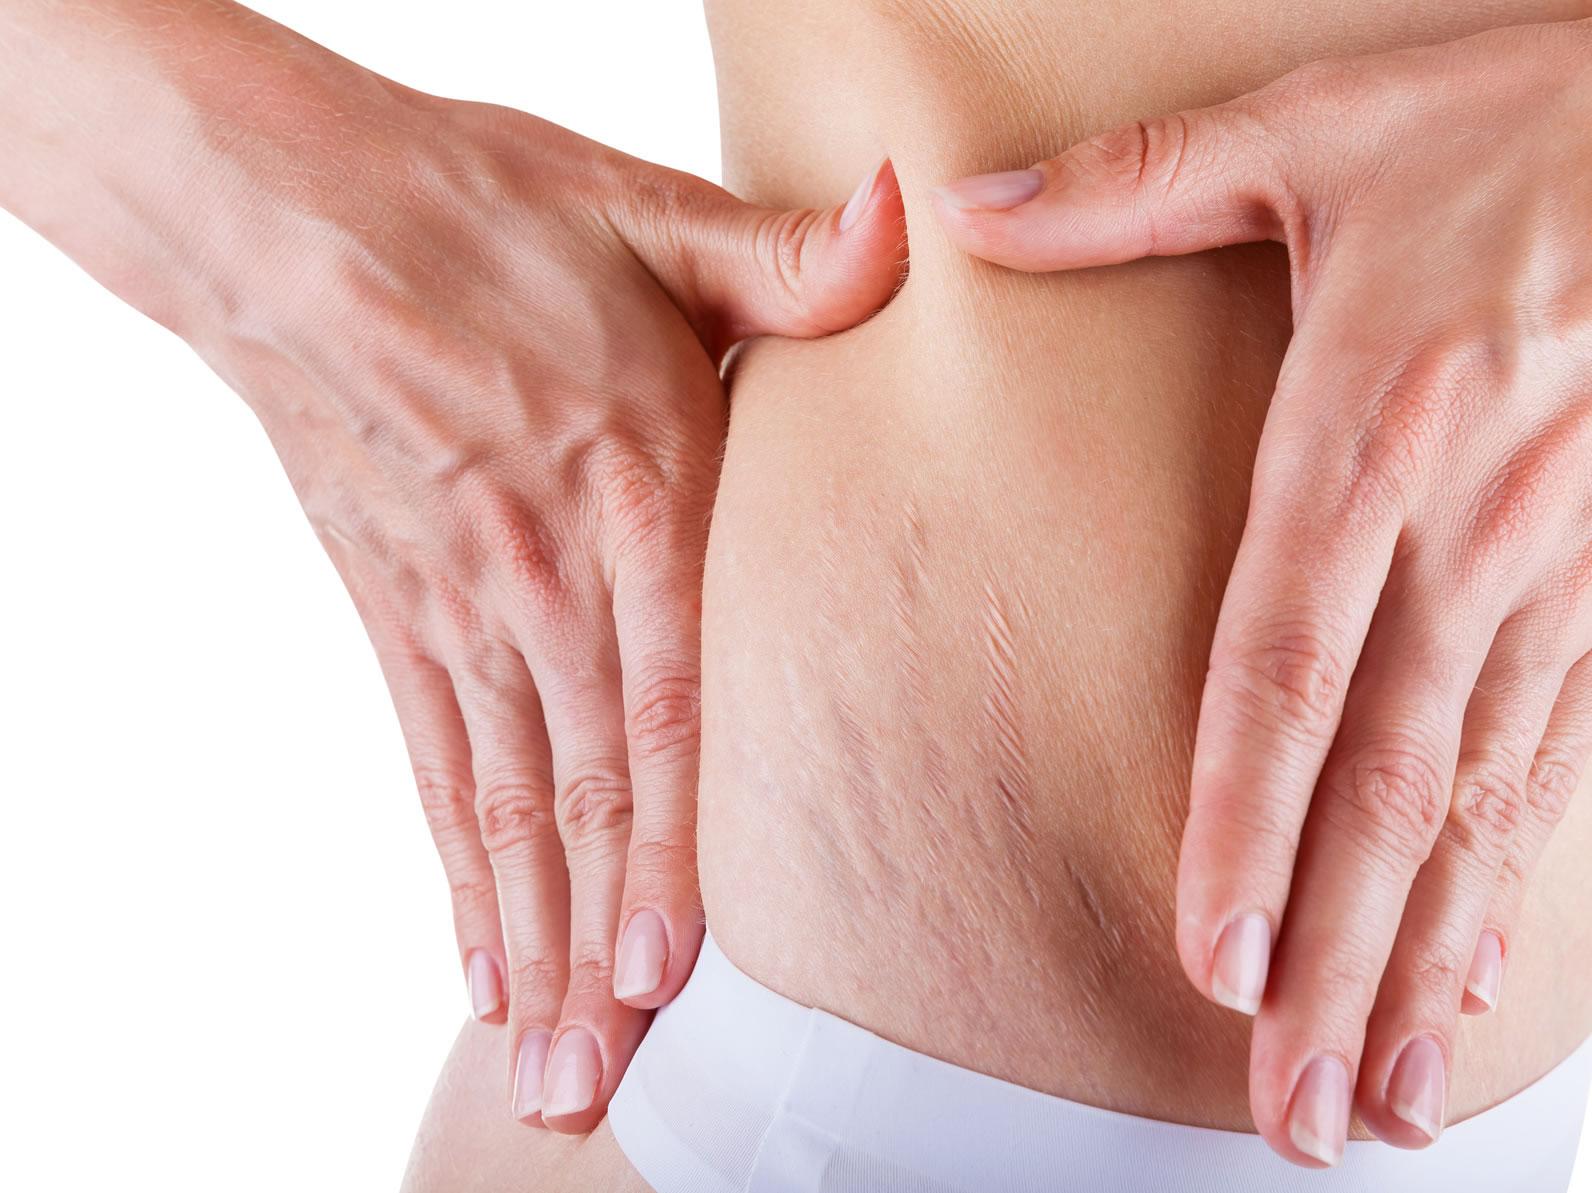 Fatigue, prise de poids, sudations : est-ce les hormones, docteur ? - Revue Médicale Suisse